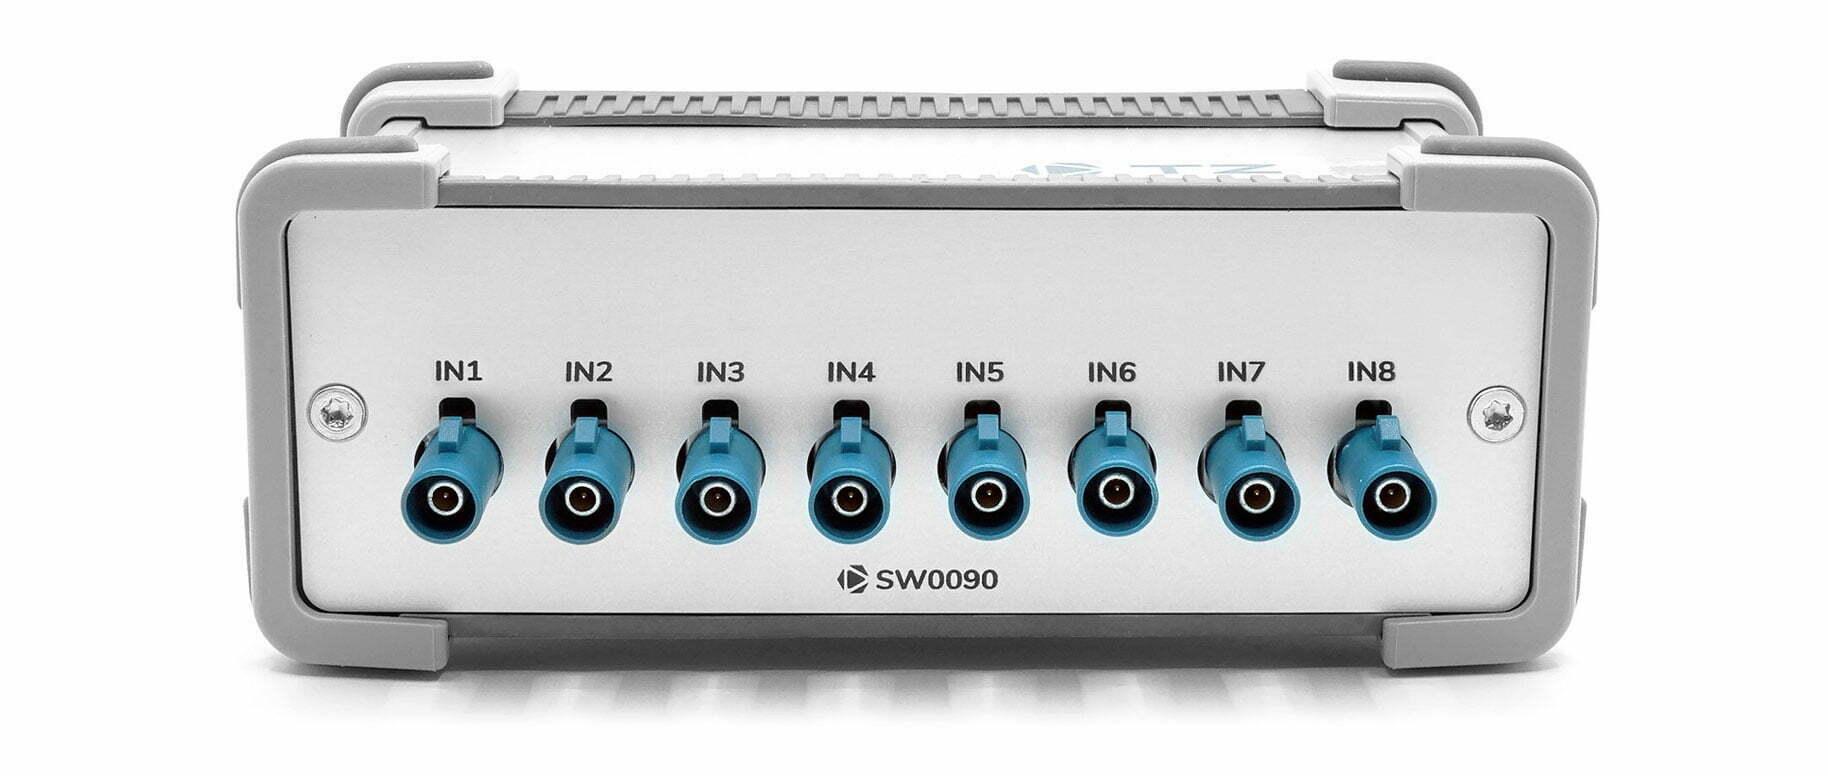 Switch sw0090